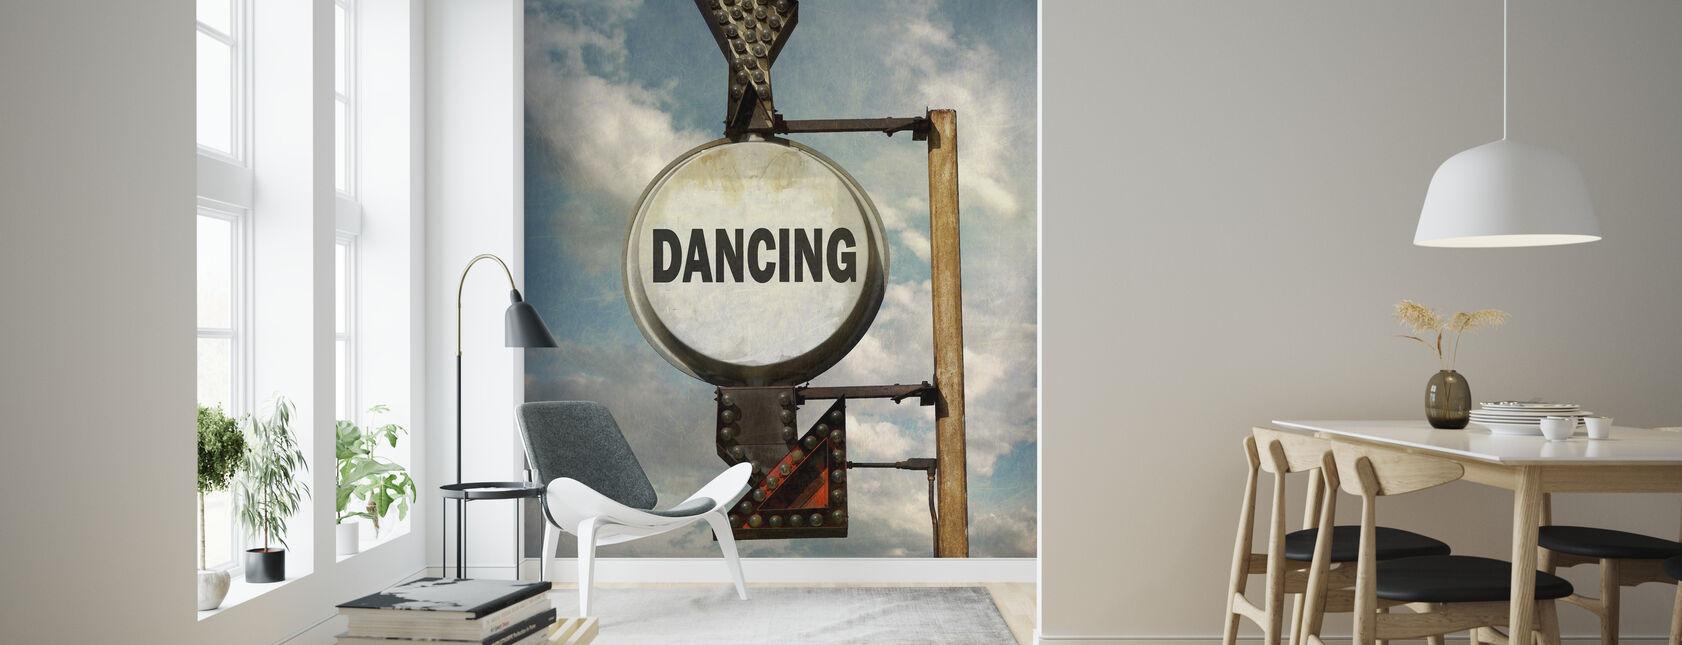 Danser - Tapet - Stue